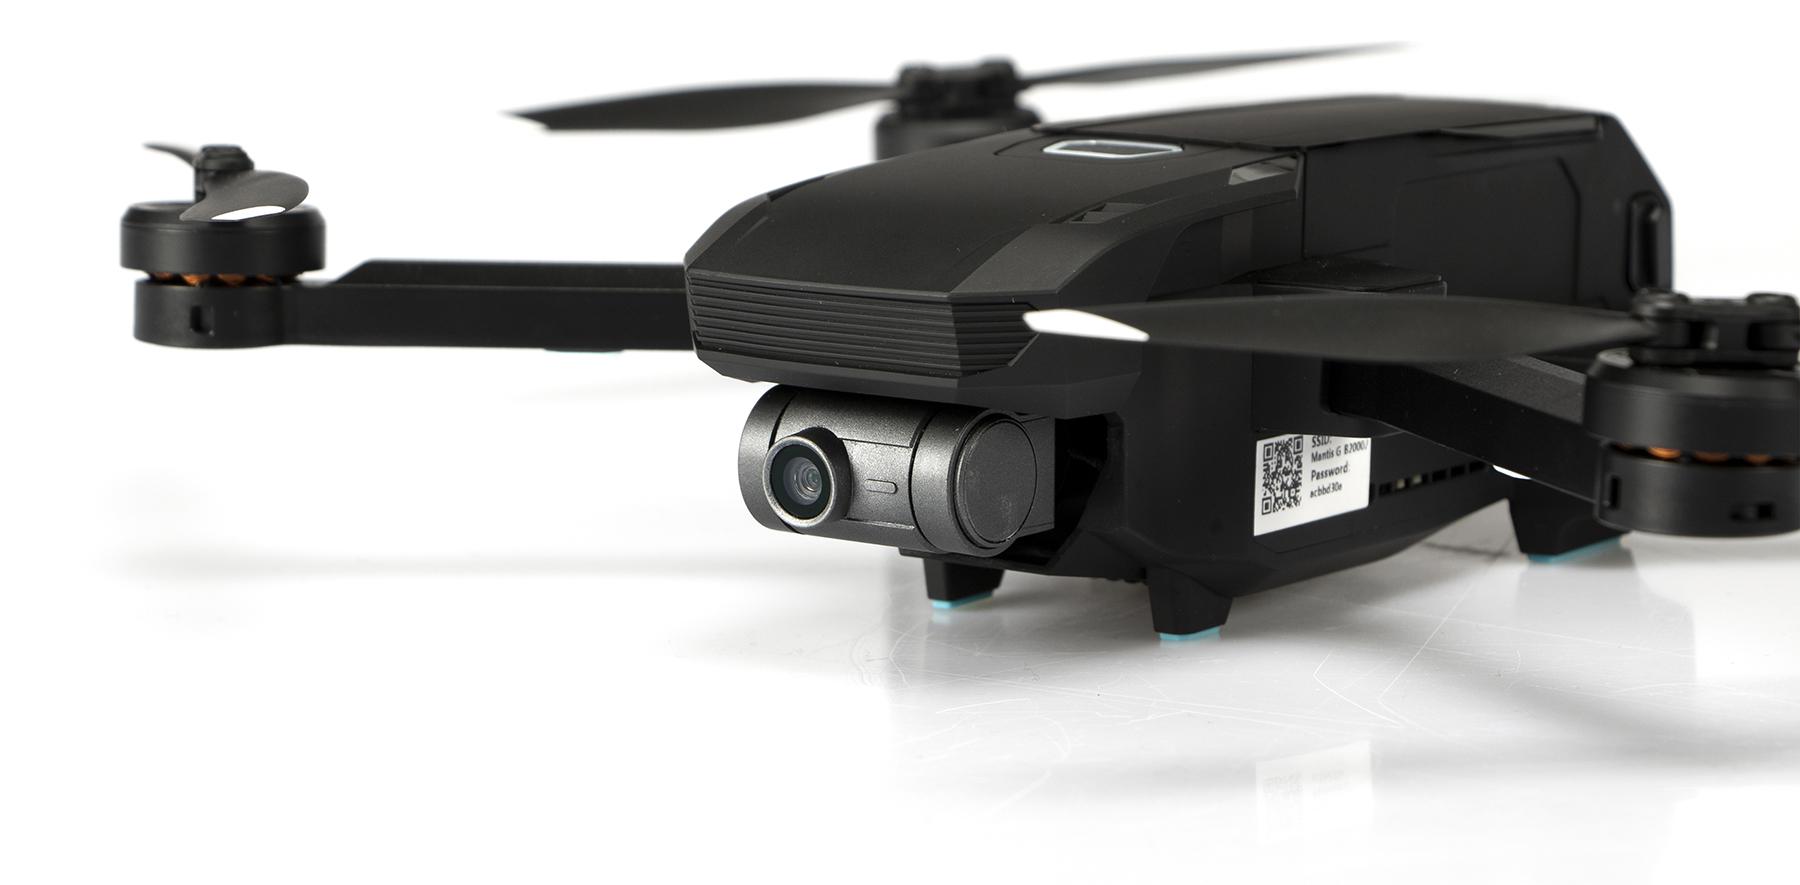 Mantis G dron sterowanie głosem